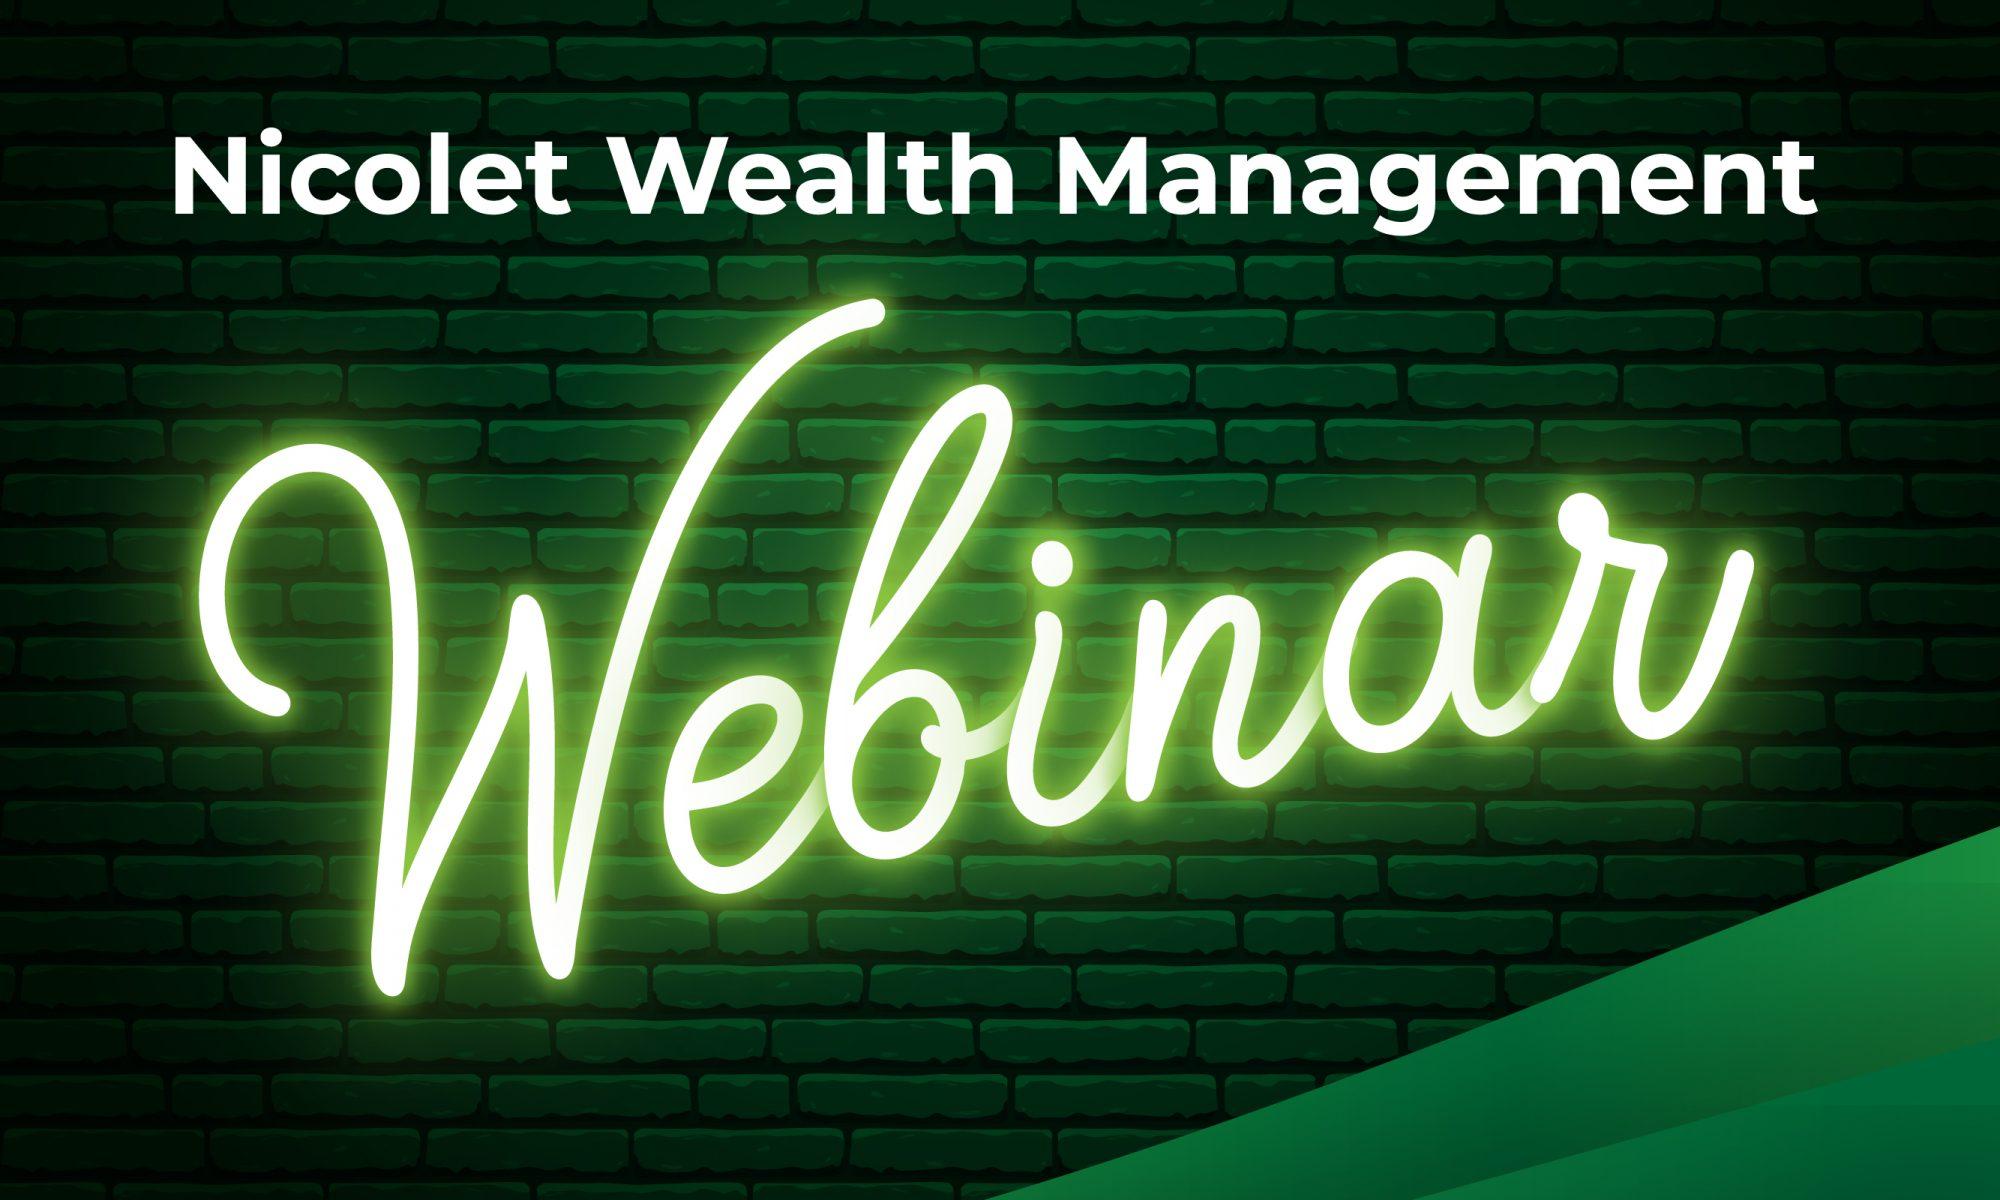 Nicolet Wealth Management Webinar